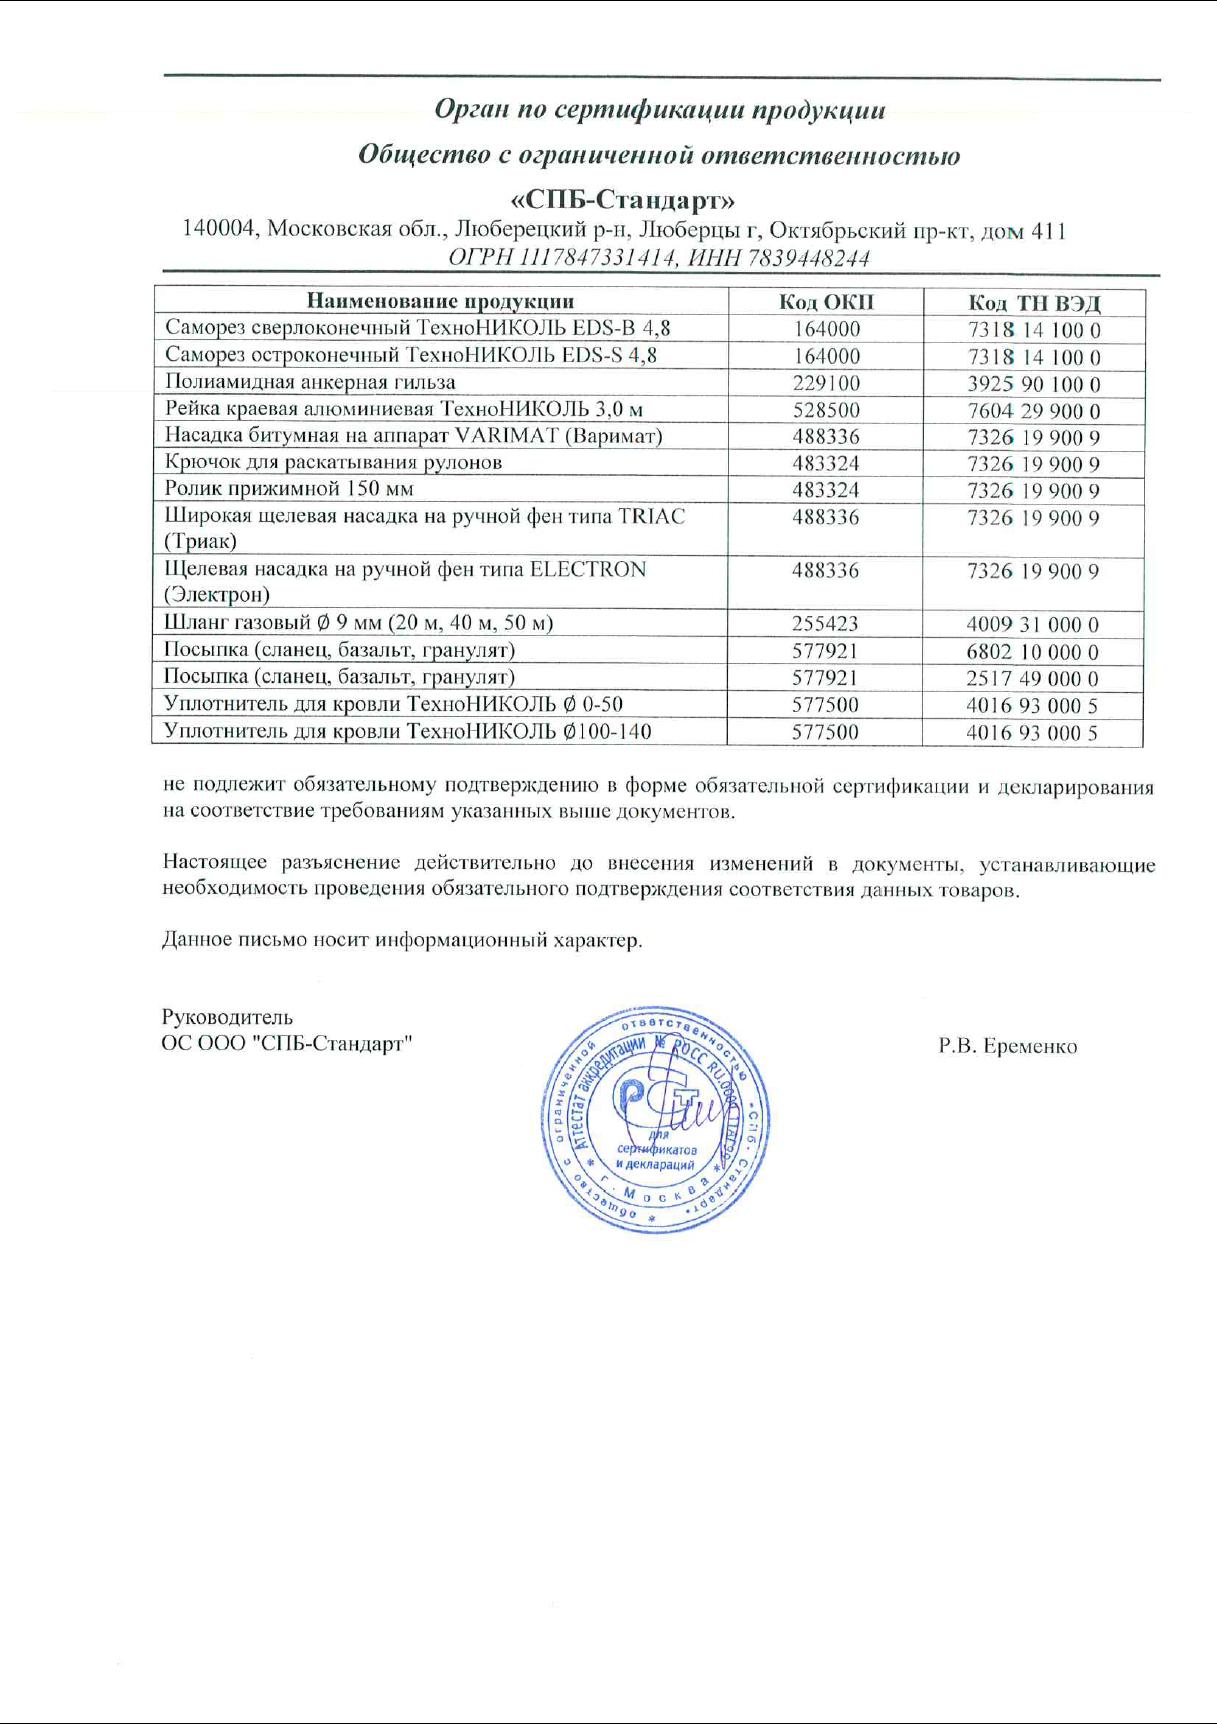 Полиуретановый герметик гермафлекс-1001 ночь кумароно-каучуковая мастика кн-2 стоимость